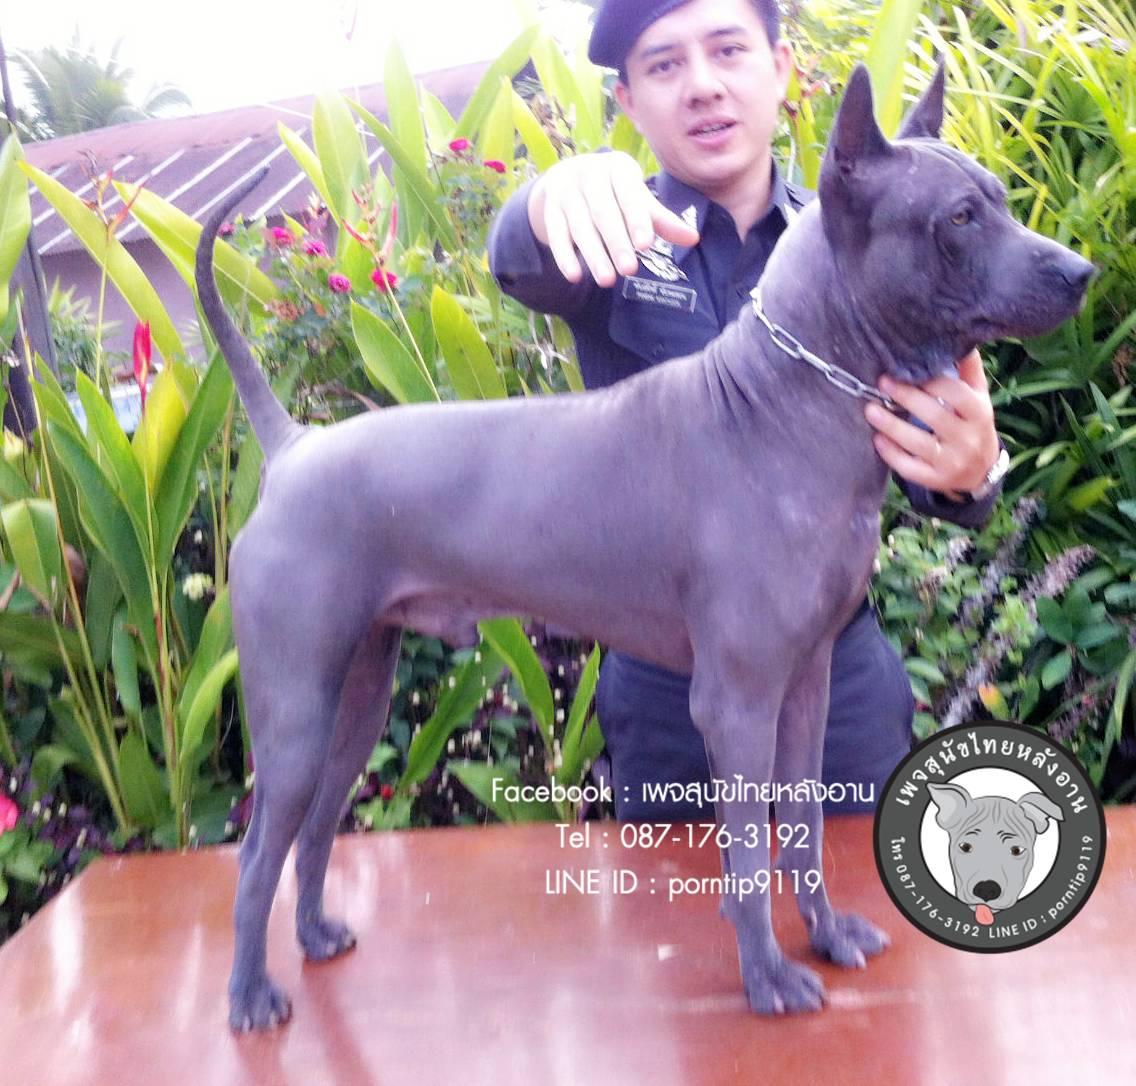 สุนัขไทยหลังอาน ขายสุนัขไทยหลังอาน   ลูกสุนัขไทยหลังอาน พ่อพันธุ์แม่พันธุ์IMG_4794_webcamera360_20150123164750